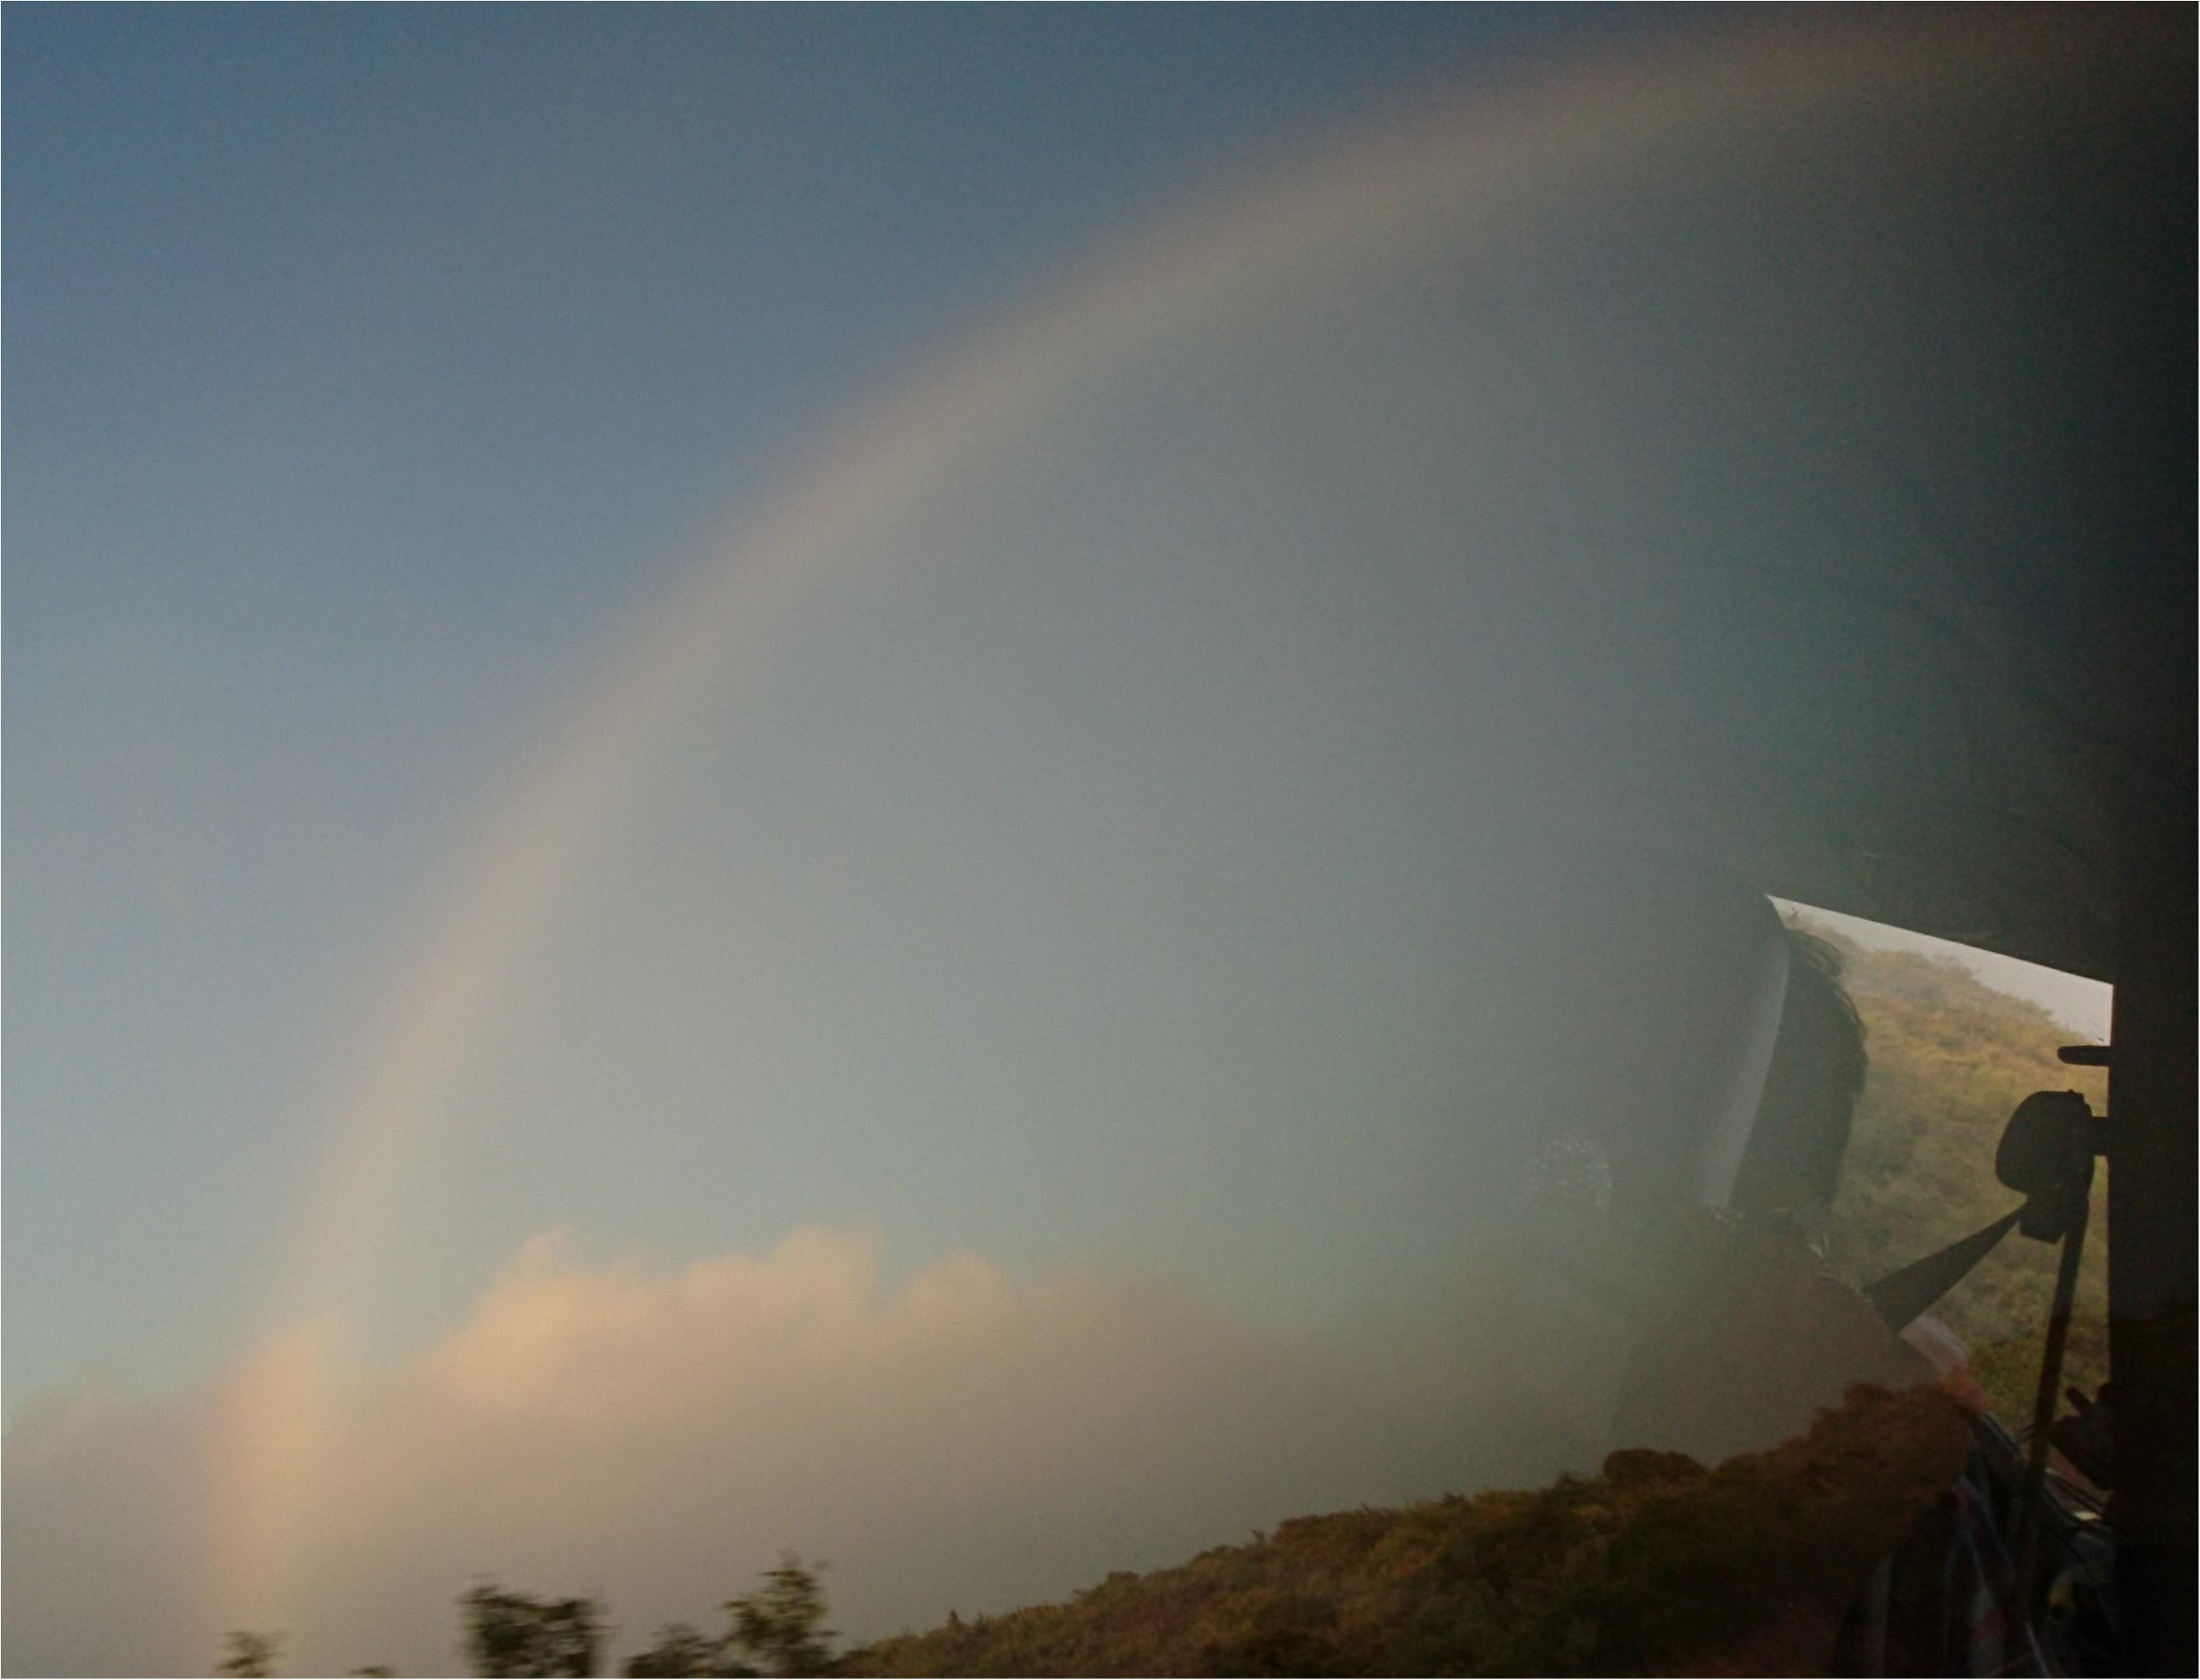 【trip】マウイ島ハレアカラからの絶景サンセット٩(๑❛ᴗ❛๑)۶_1